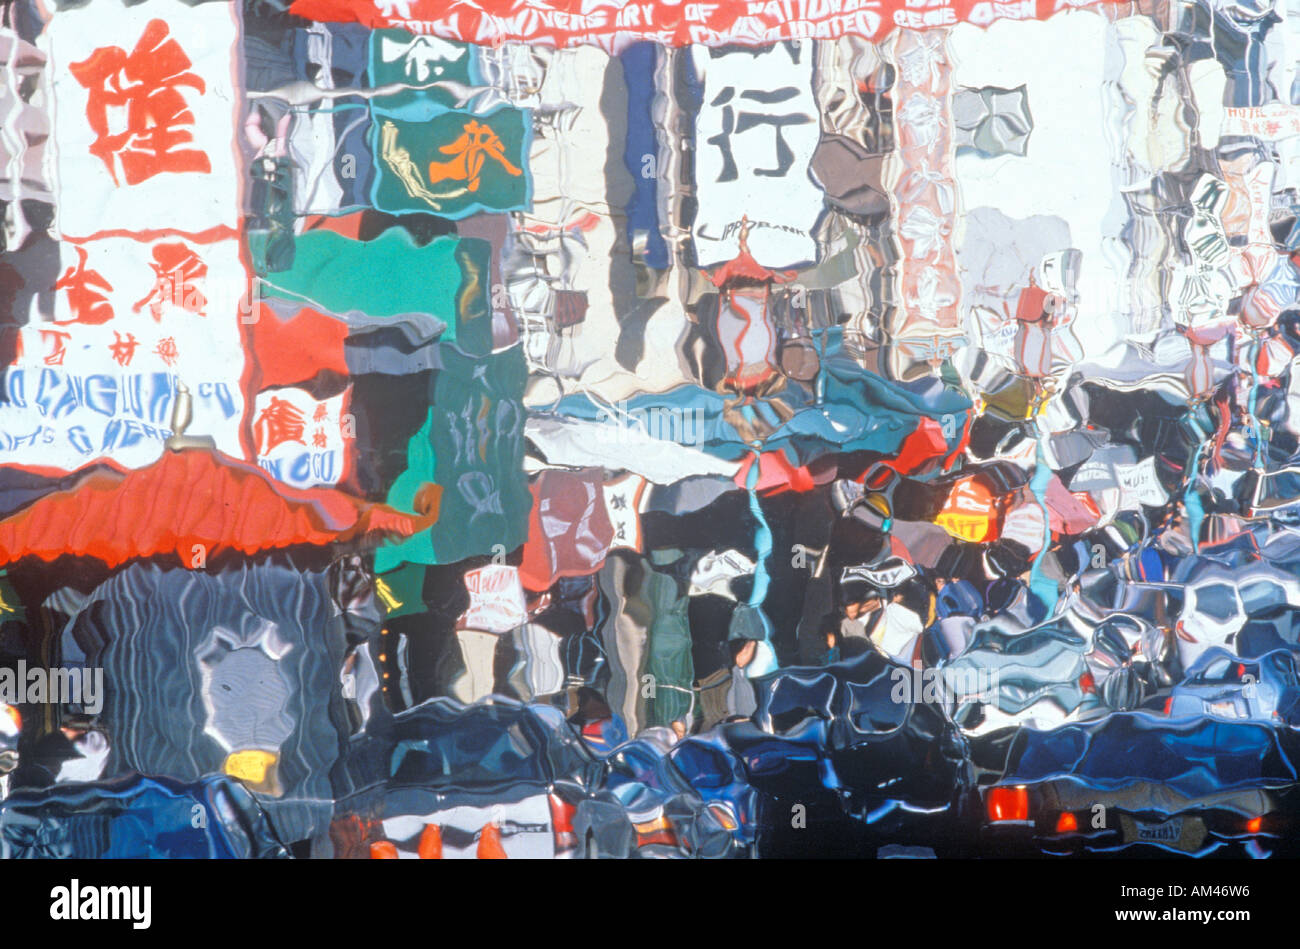 Foto effetto Impressionista domenica mattina nella Chinatown di San Francisco in California Immagini Stock